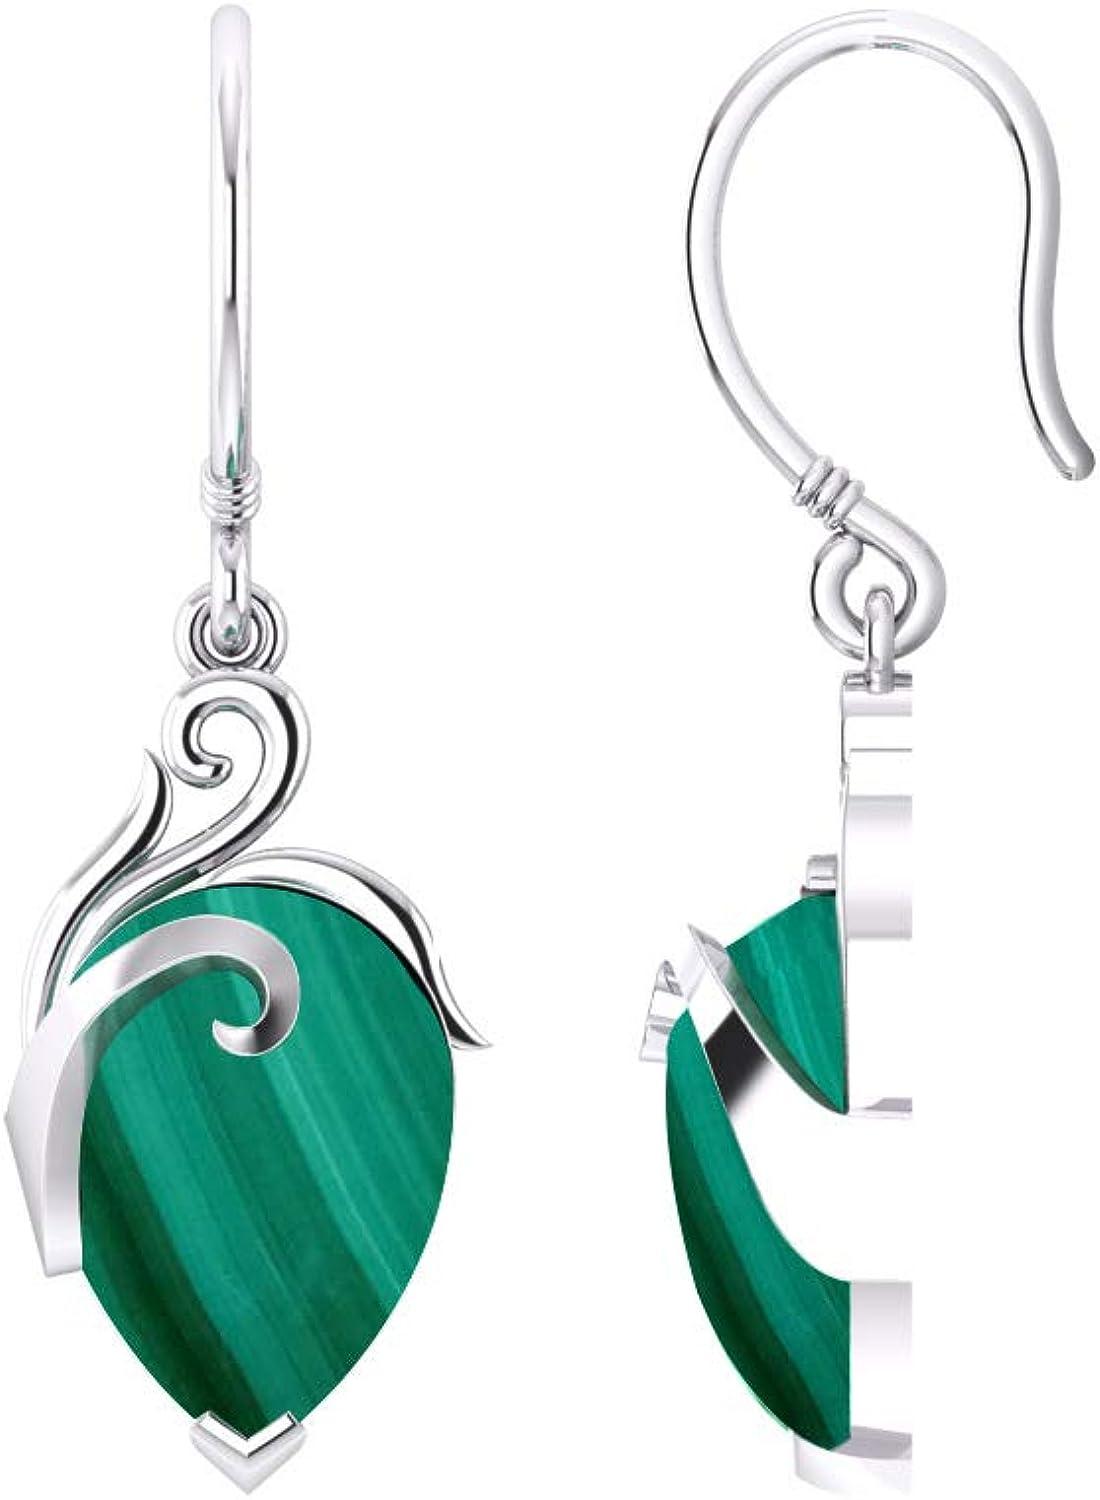 Dangle Earrings Minimalist Earrings By Artsmyrna Roman Art Authentic Earrings Turquoise Earrings Solid Sterling Dainty Earrings